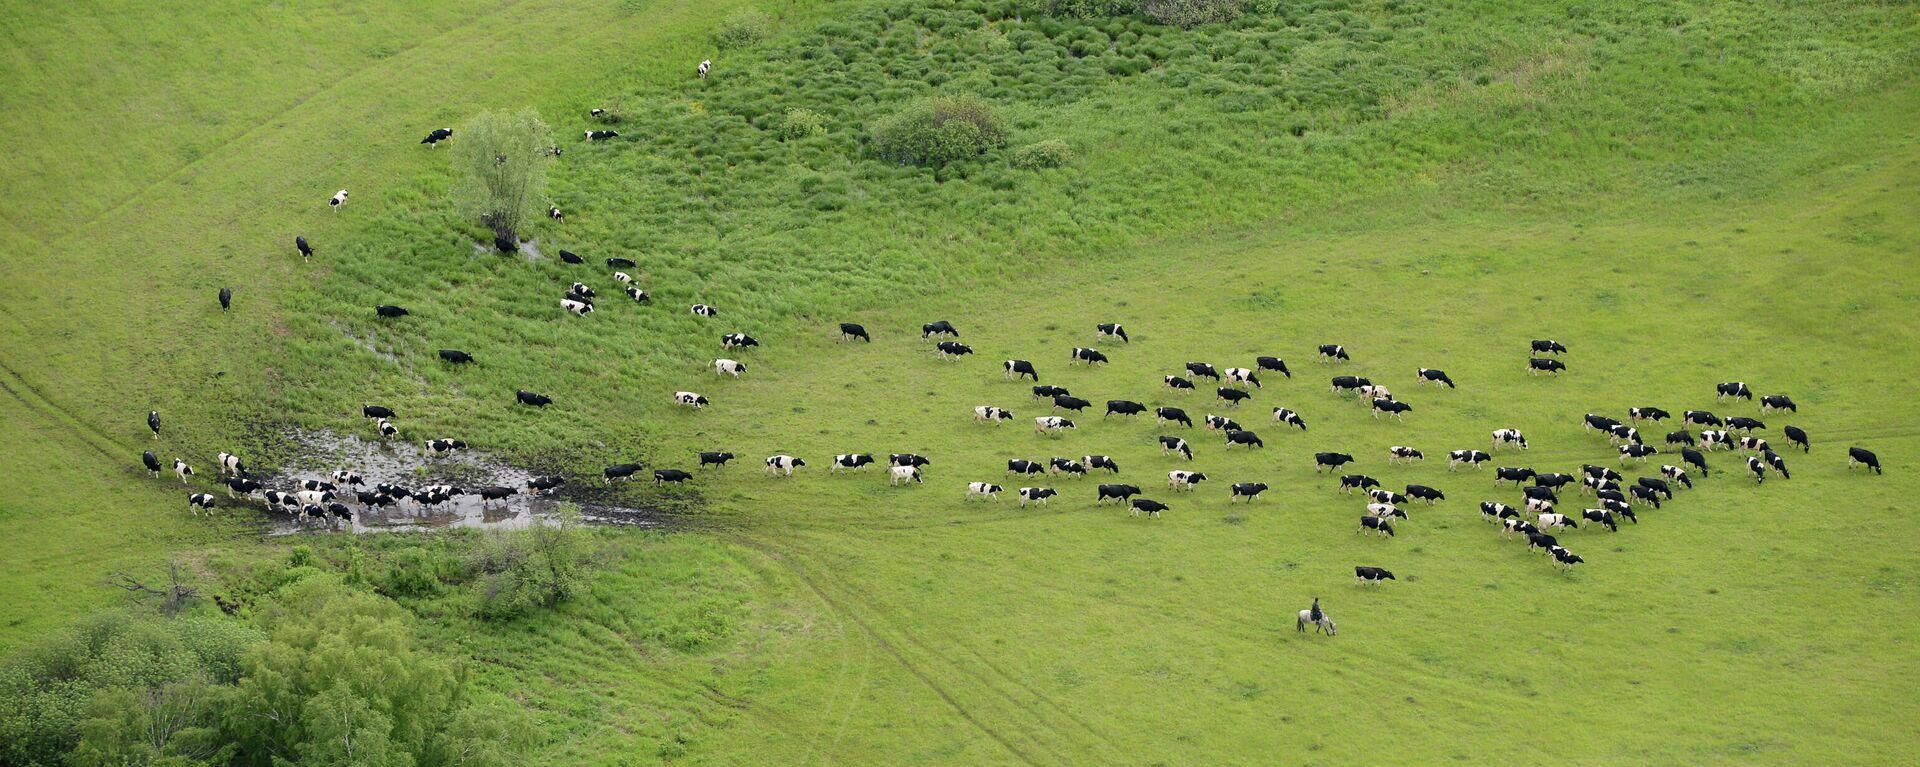 Luftfoto von einem Herd von Kühen - SNA, 1920, 31.12.2020